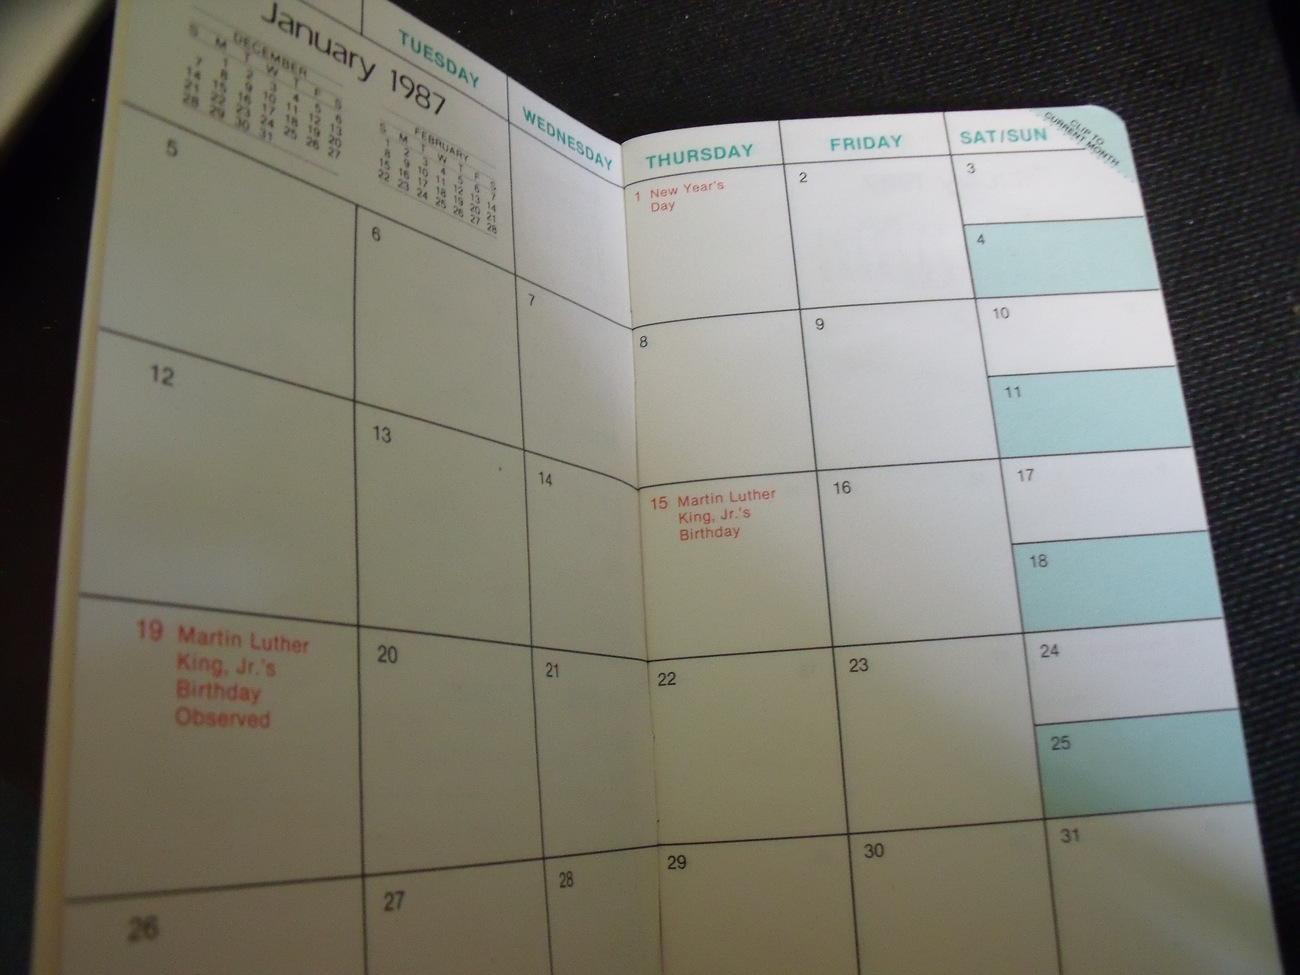 2015 Calendar which is Original 1987 Genuine GM Pocket Calendar